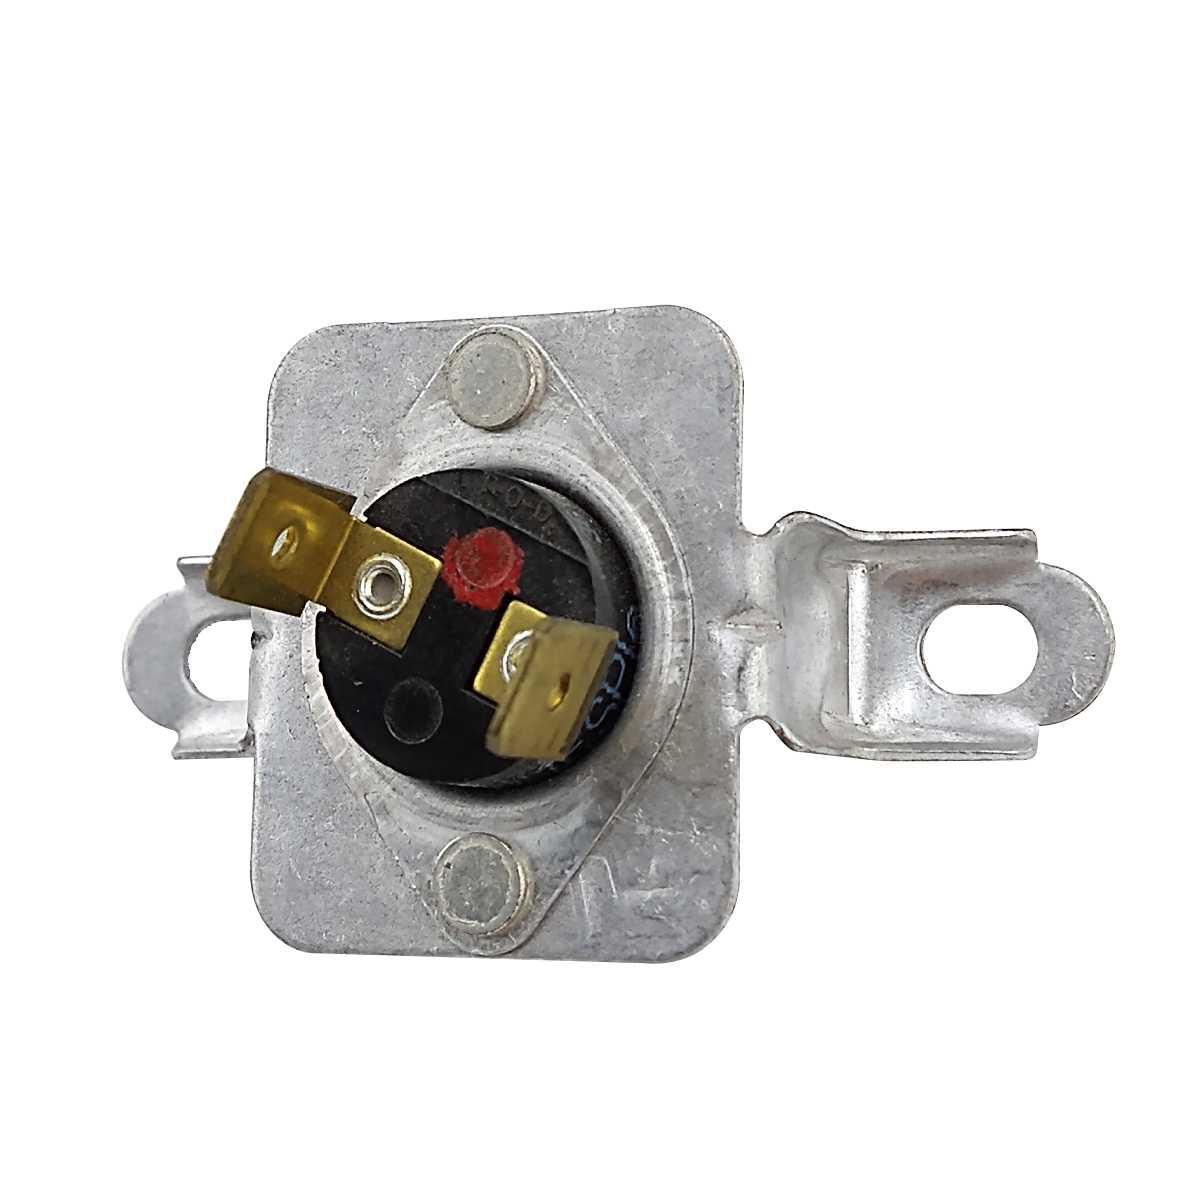 Termostato de segurança da secadora de roupas Brastemp BSG17A